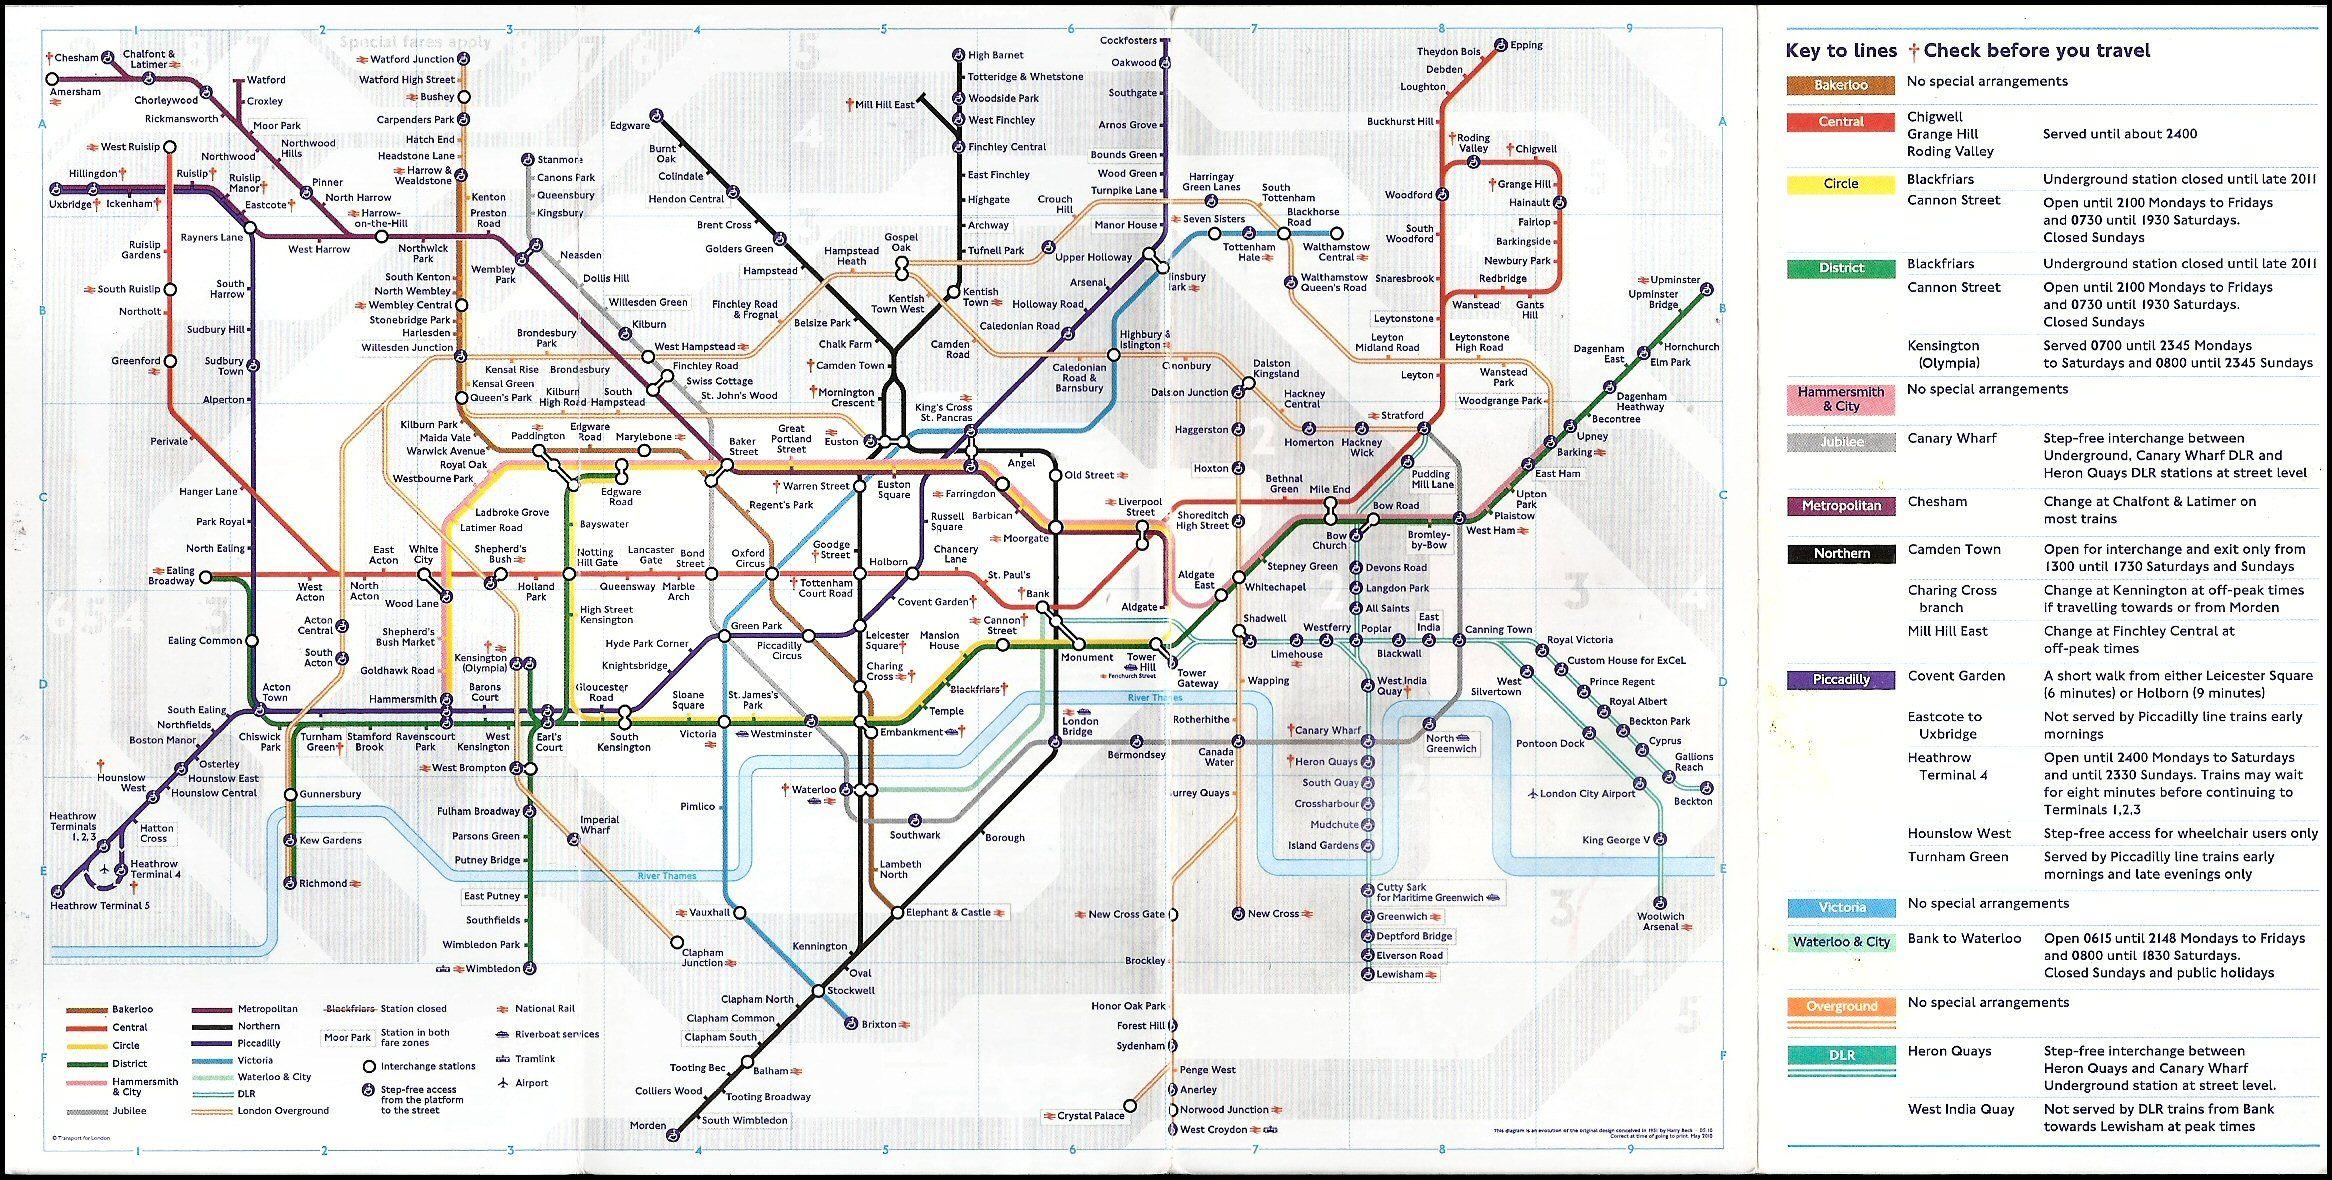 Cartina Geografica Di Londra Da Stampare.Risultati Immagini Per Mappa Tube Londra Da Stampare Mappa Mappe Immagini